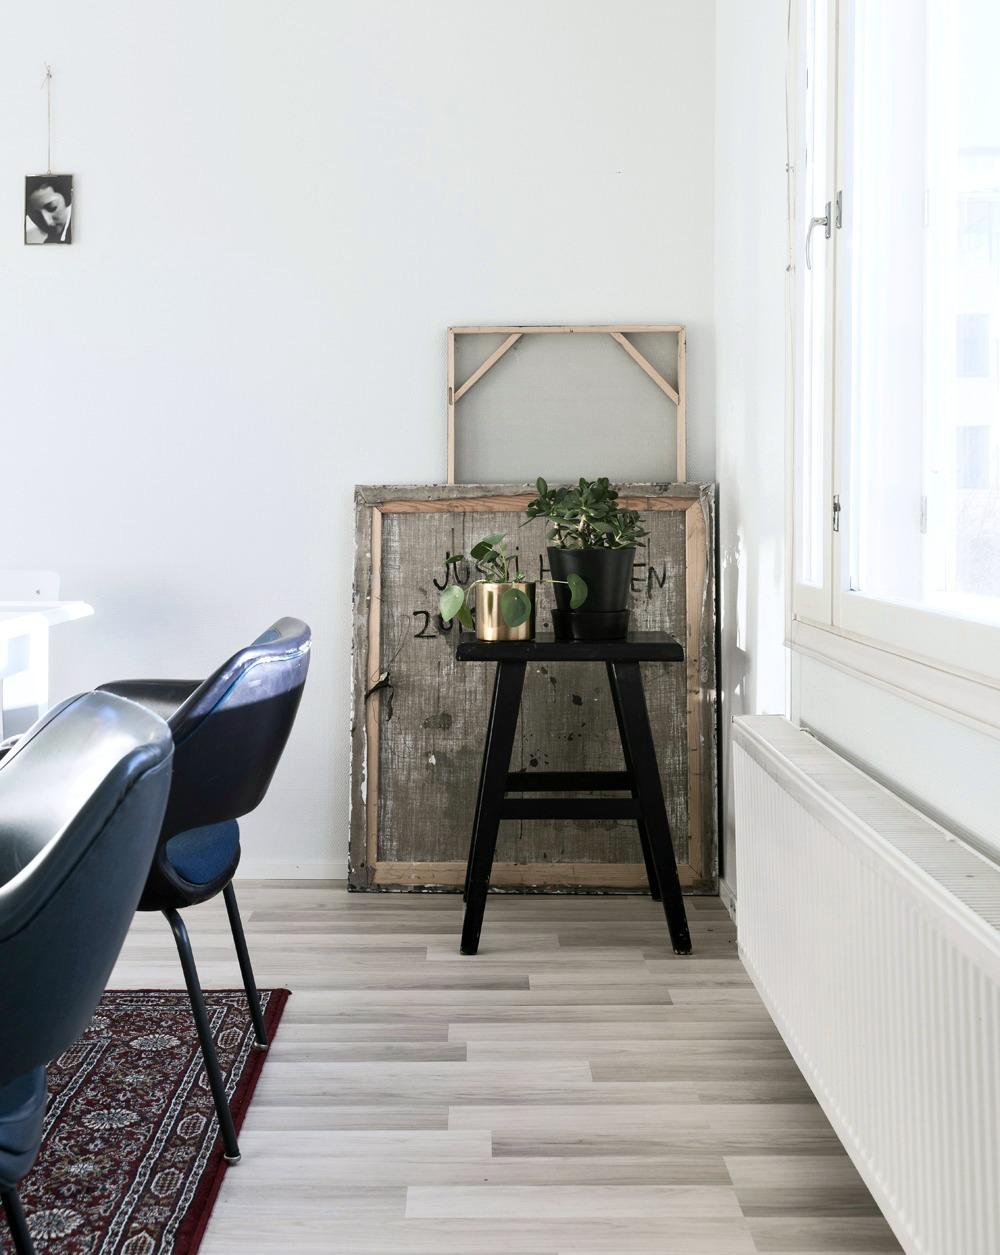 sisustus, sisustaminen, sisustusinspiraatio, ruokailutila, ruokatuolit, ruokapöytä, inredning, inspiration, interior, scandinavian home, home, mystyle, hyggehome, Visualaddict, valokuvaaja, Frida Steiner, valokuvaus, Kilta-tuoli, viherkasvit